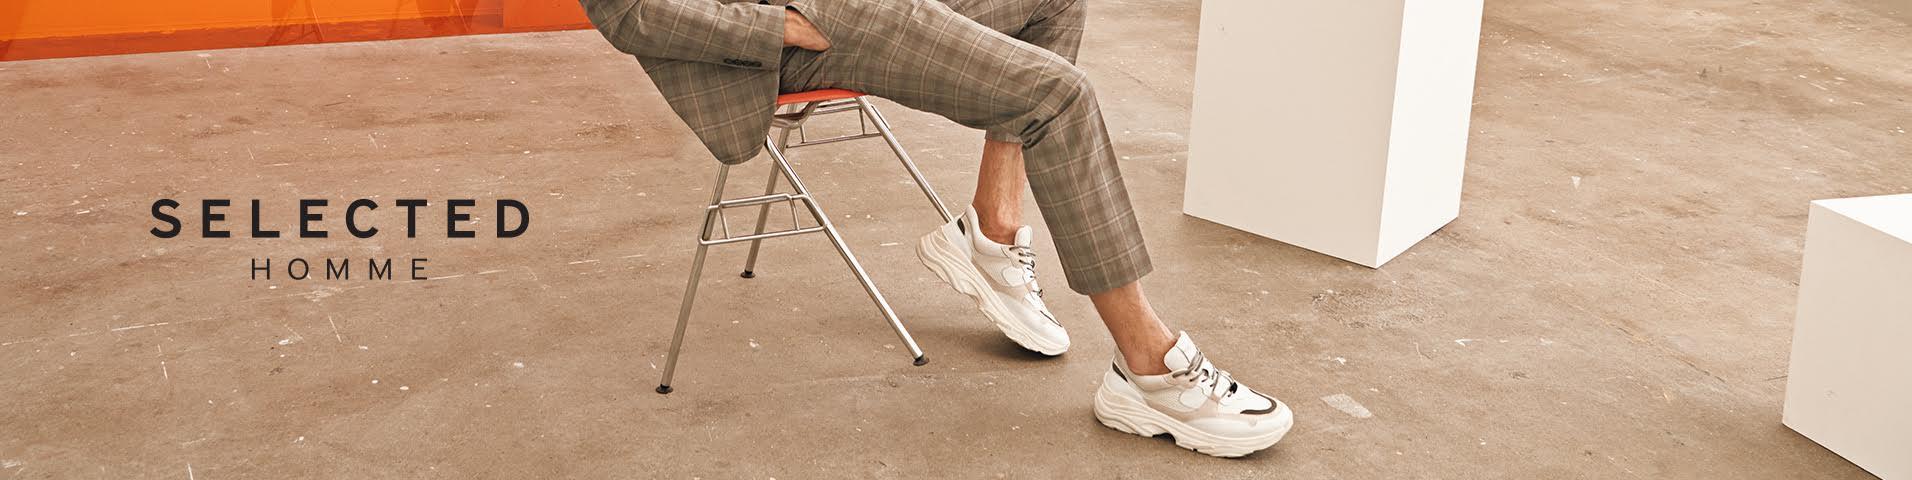 new style de608 be69a Selected Homme Espadrilles heren online kopen | ZALANDO